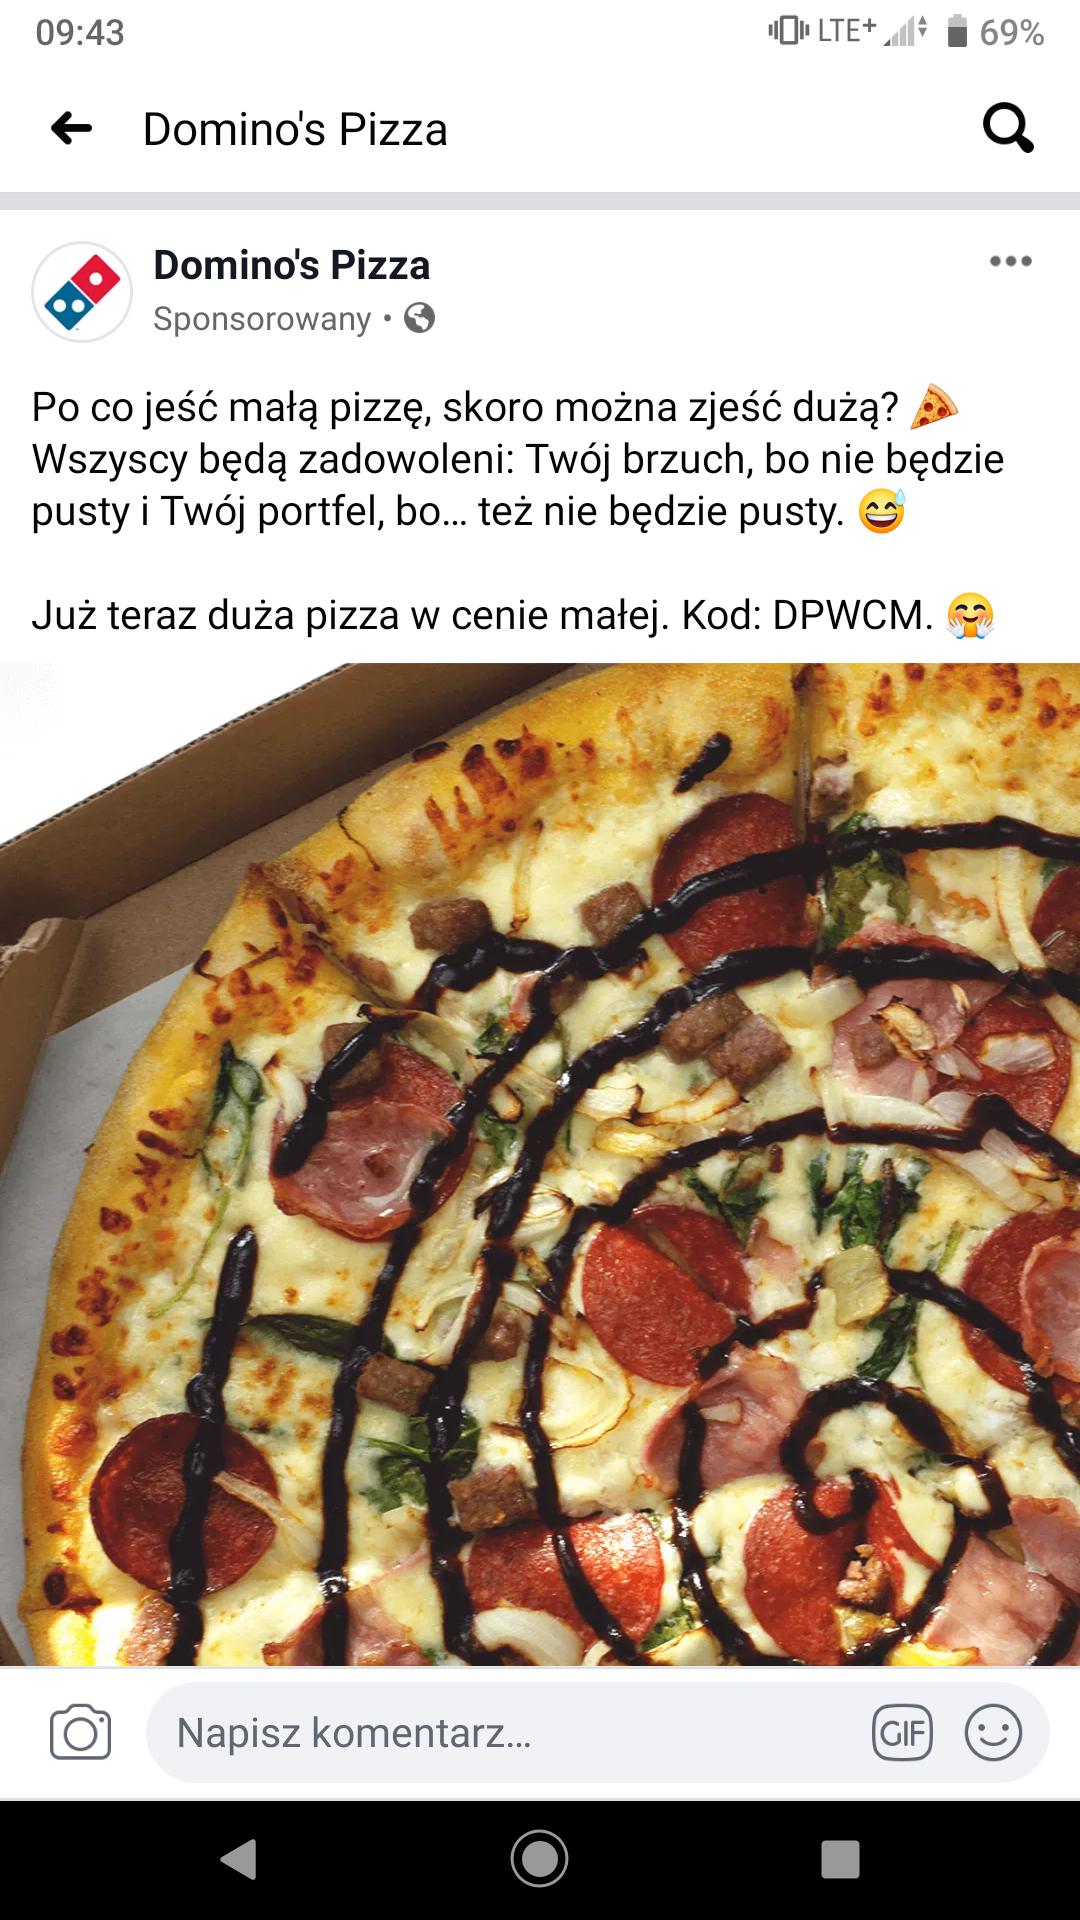 Duża w cenie małej, domino's pizza